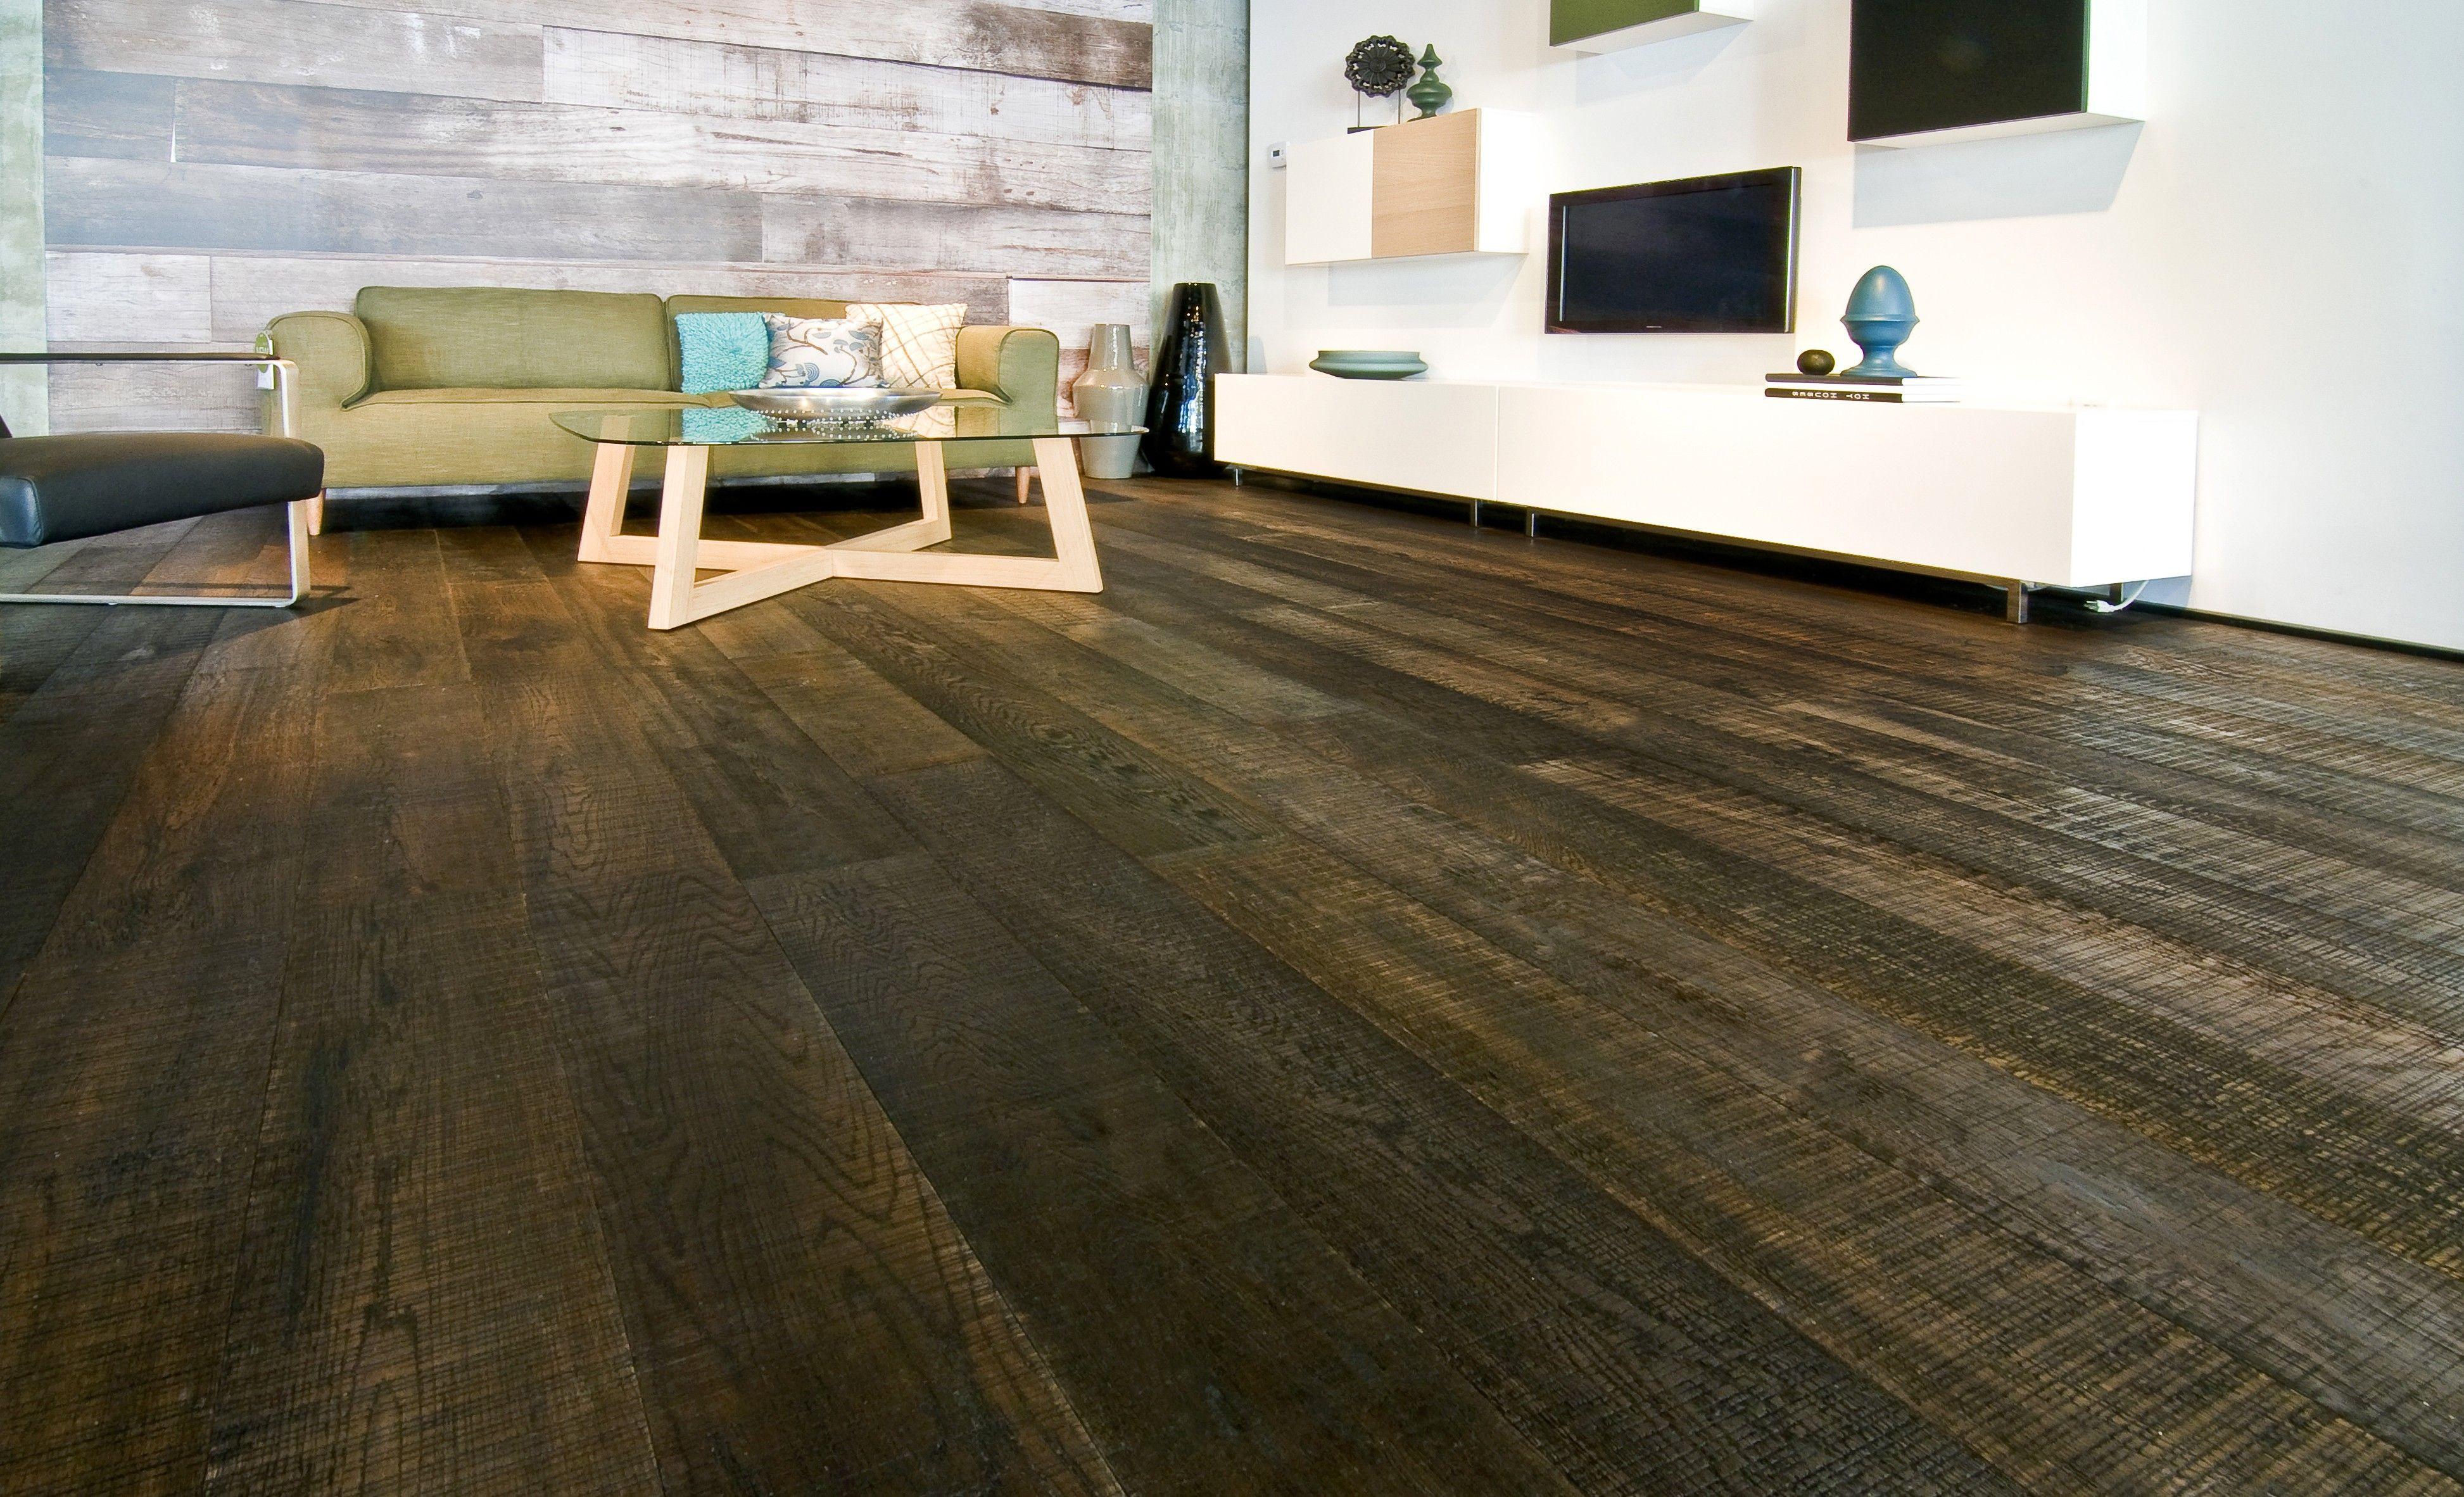 dg hardwood floors of lovely bamboo hardwood flooring home design for where to buy hardwood flooring inspirational 0d grace place barnegat